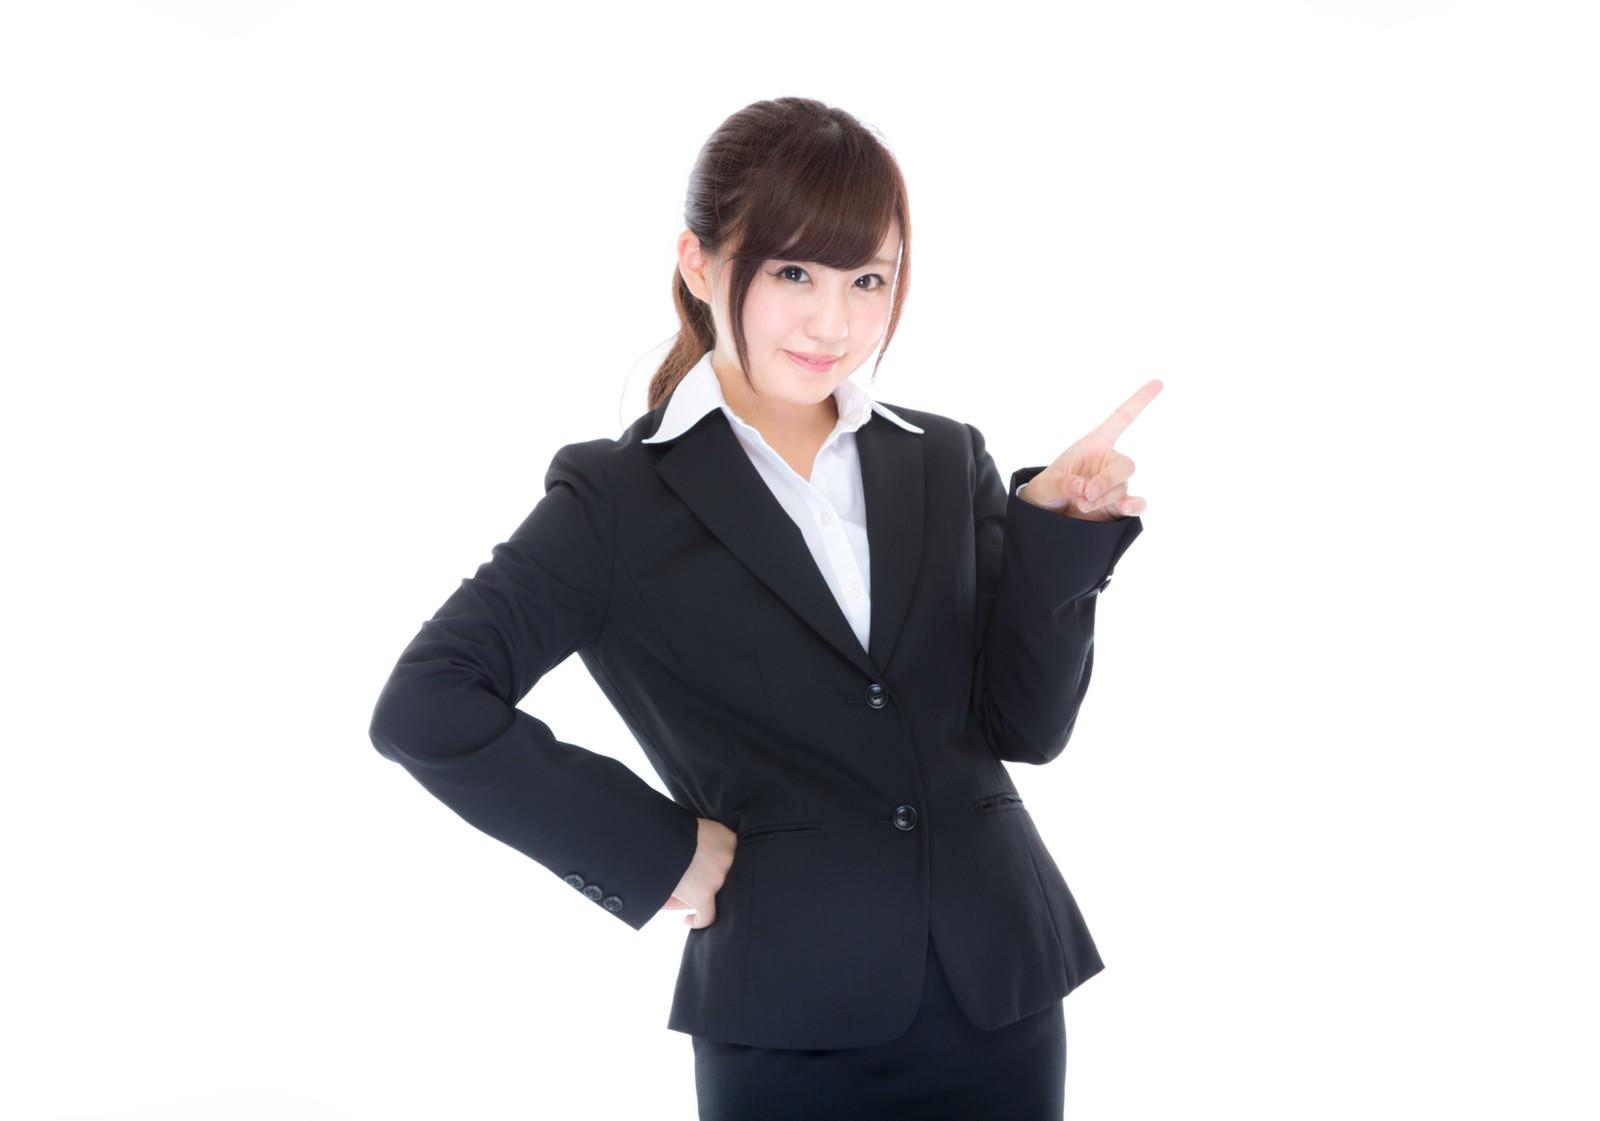 医療事務はアルバイトと社員でどのくらいの差?仕事内容と待遇を比較